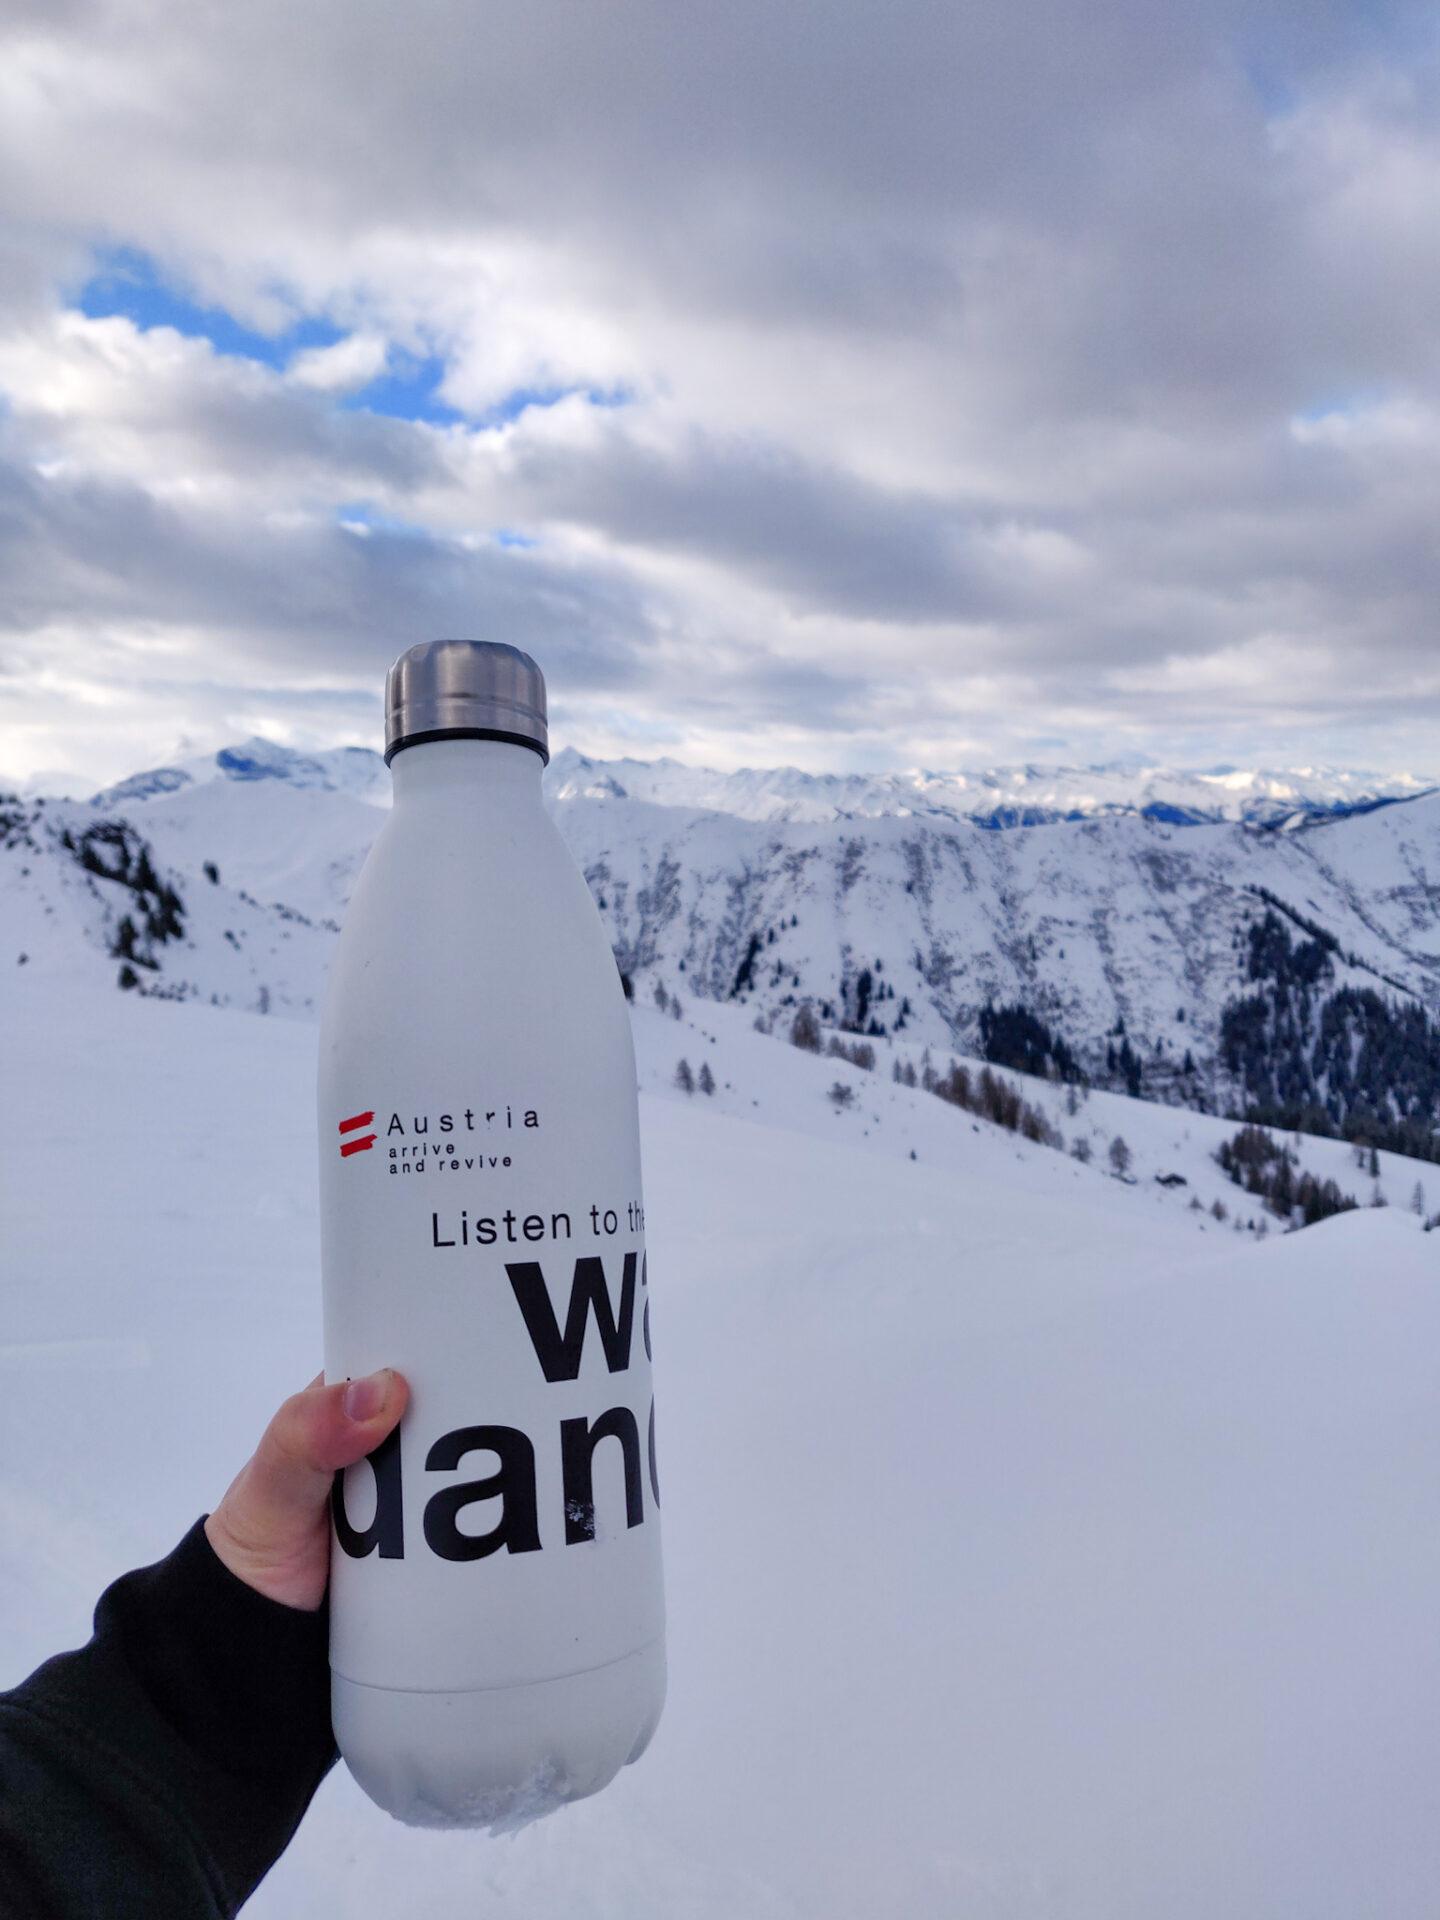 herbruikbare drinkfles in Oostenrijk.